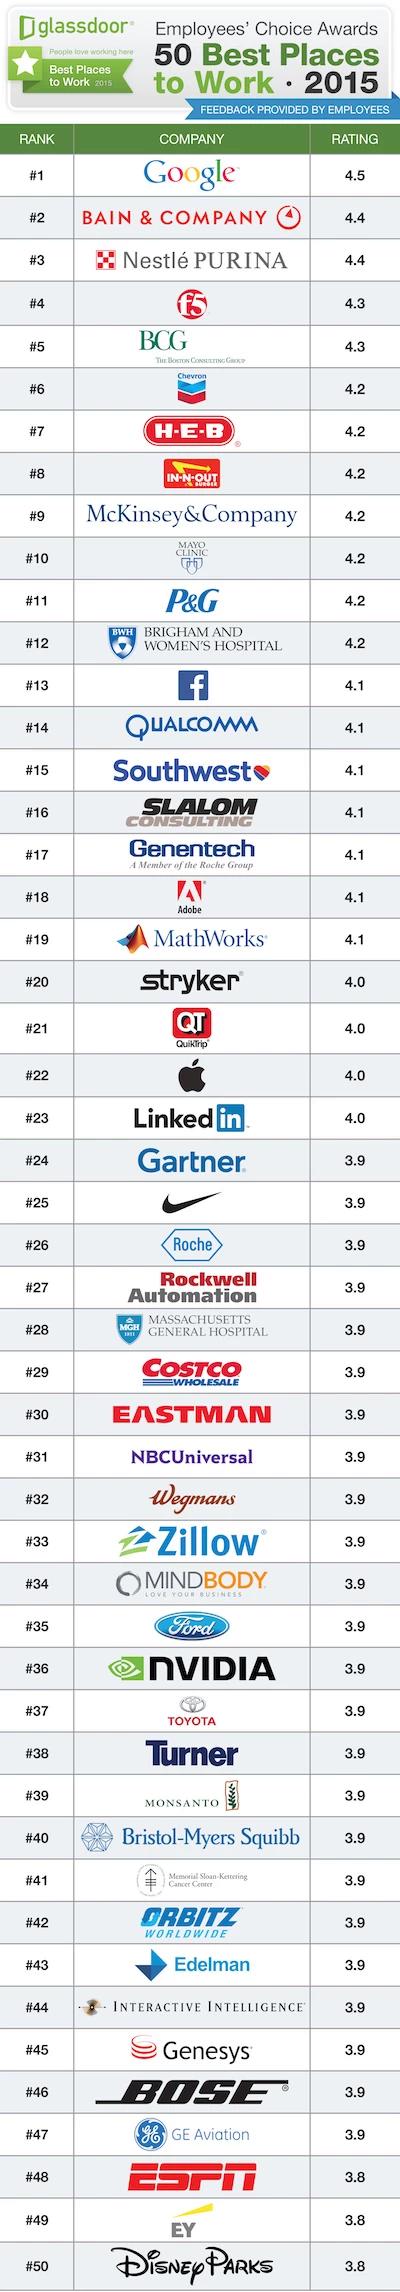 Glassdoor 50 Best Places To Work 2015